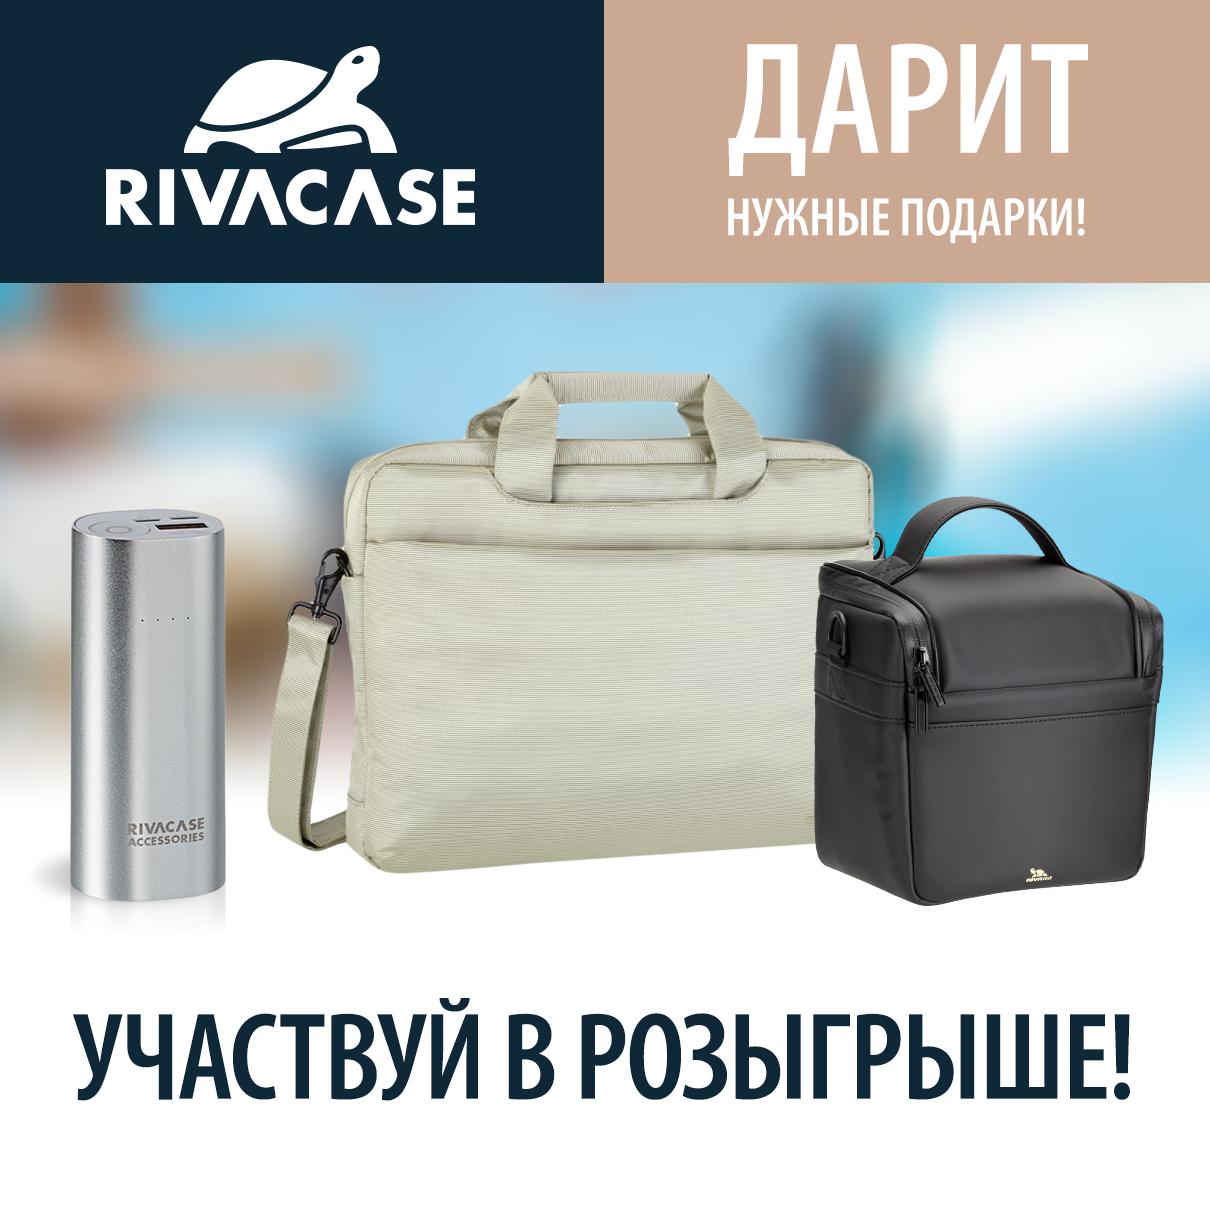 RivaCase дарит нужные подарки! Конкурс на Фейсбук.